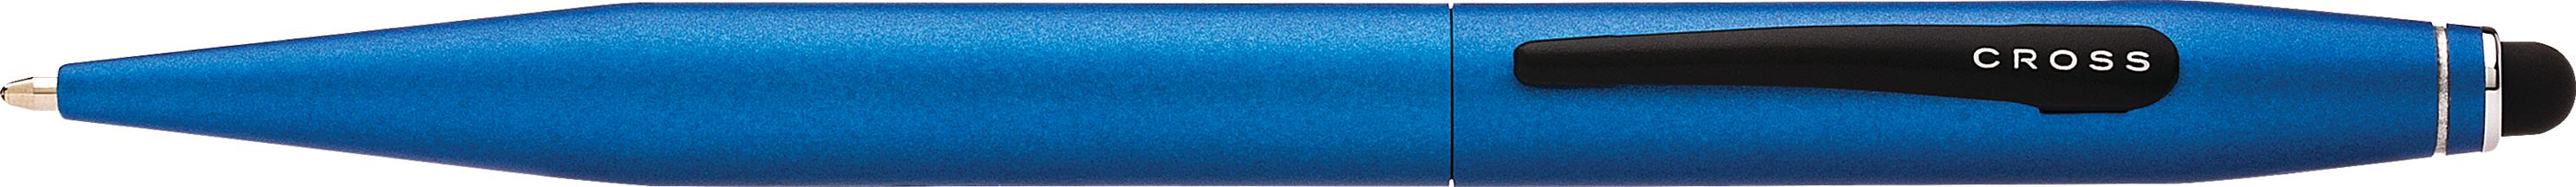 Tech 2 Metallic Blue Ballpoint Pen